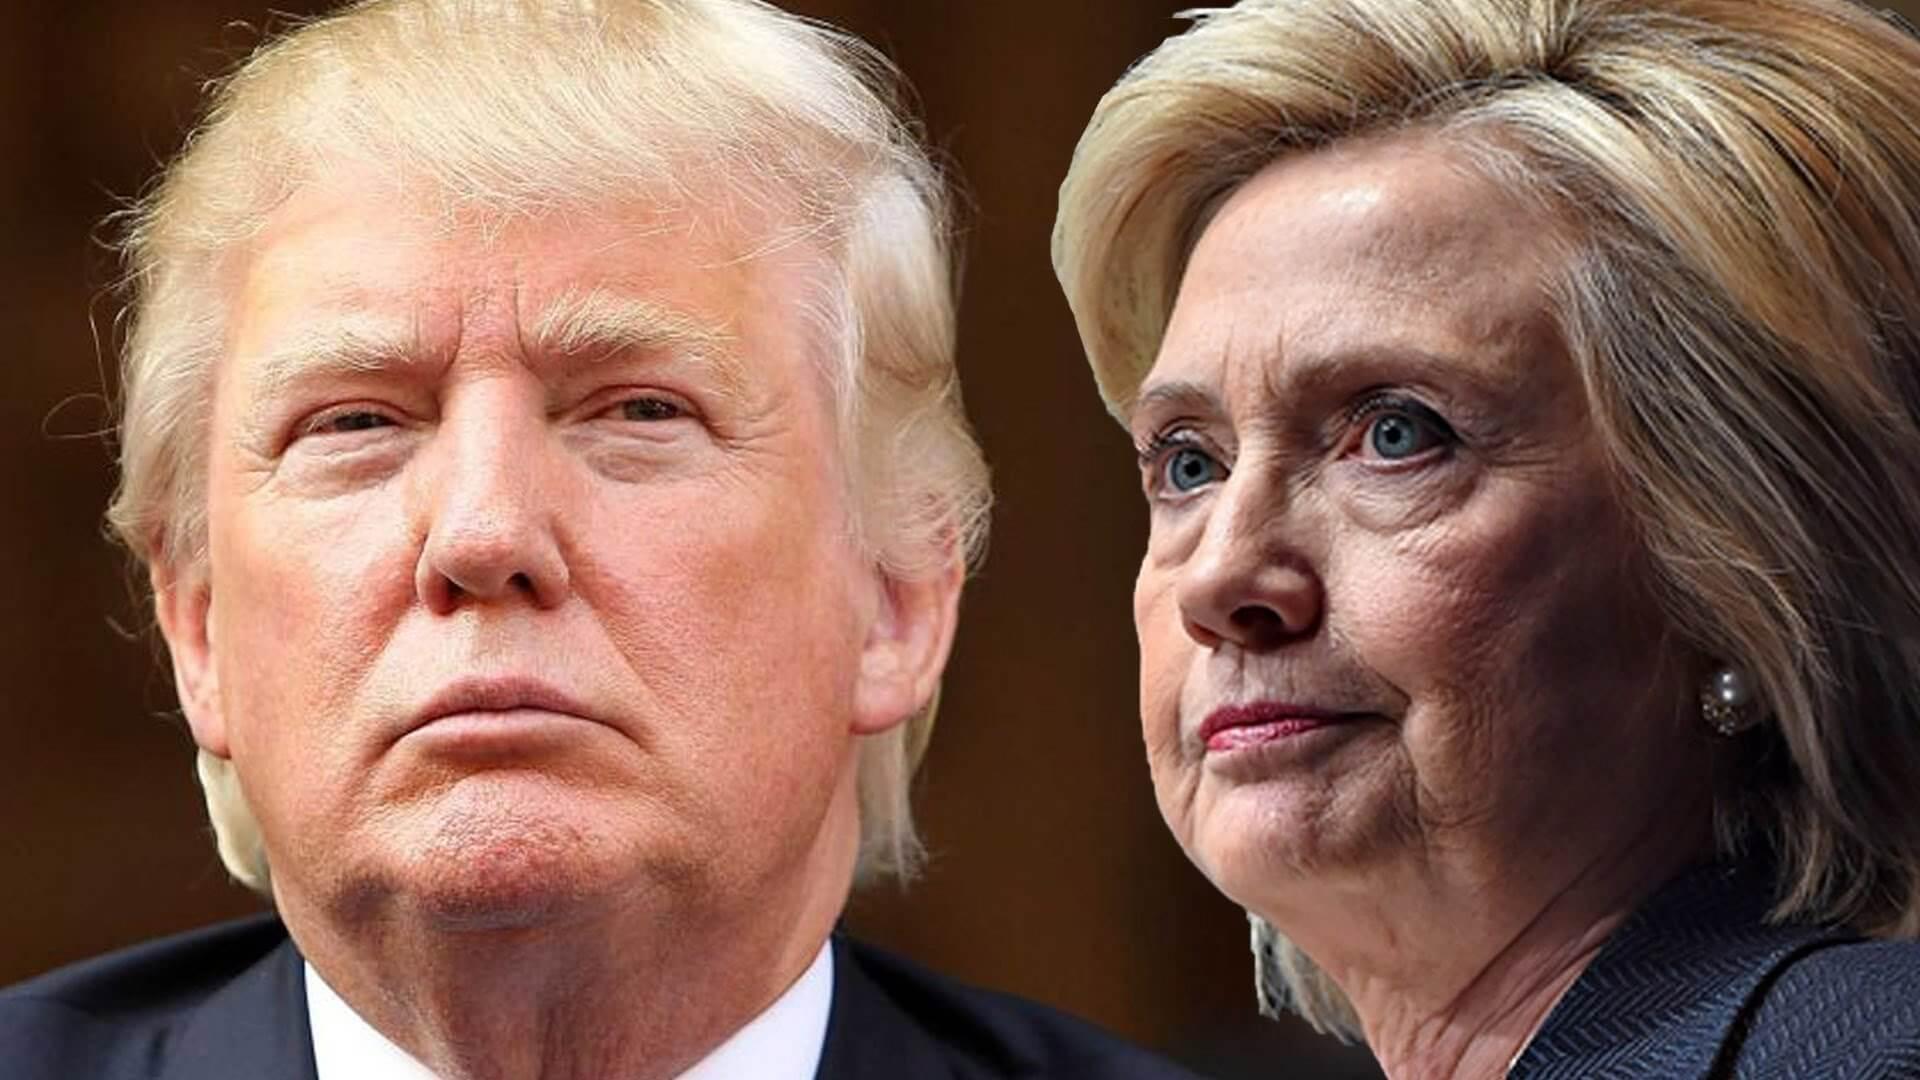 Elezioni USA 2016: Che programma su clima ed energia hanno i candidati?